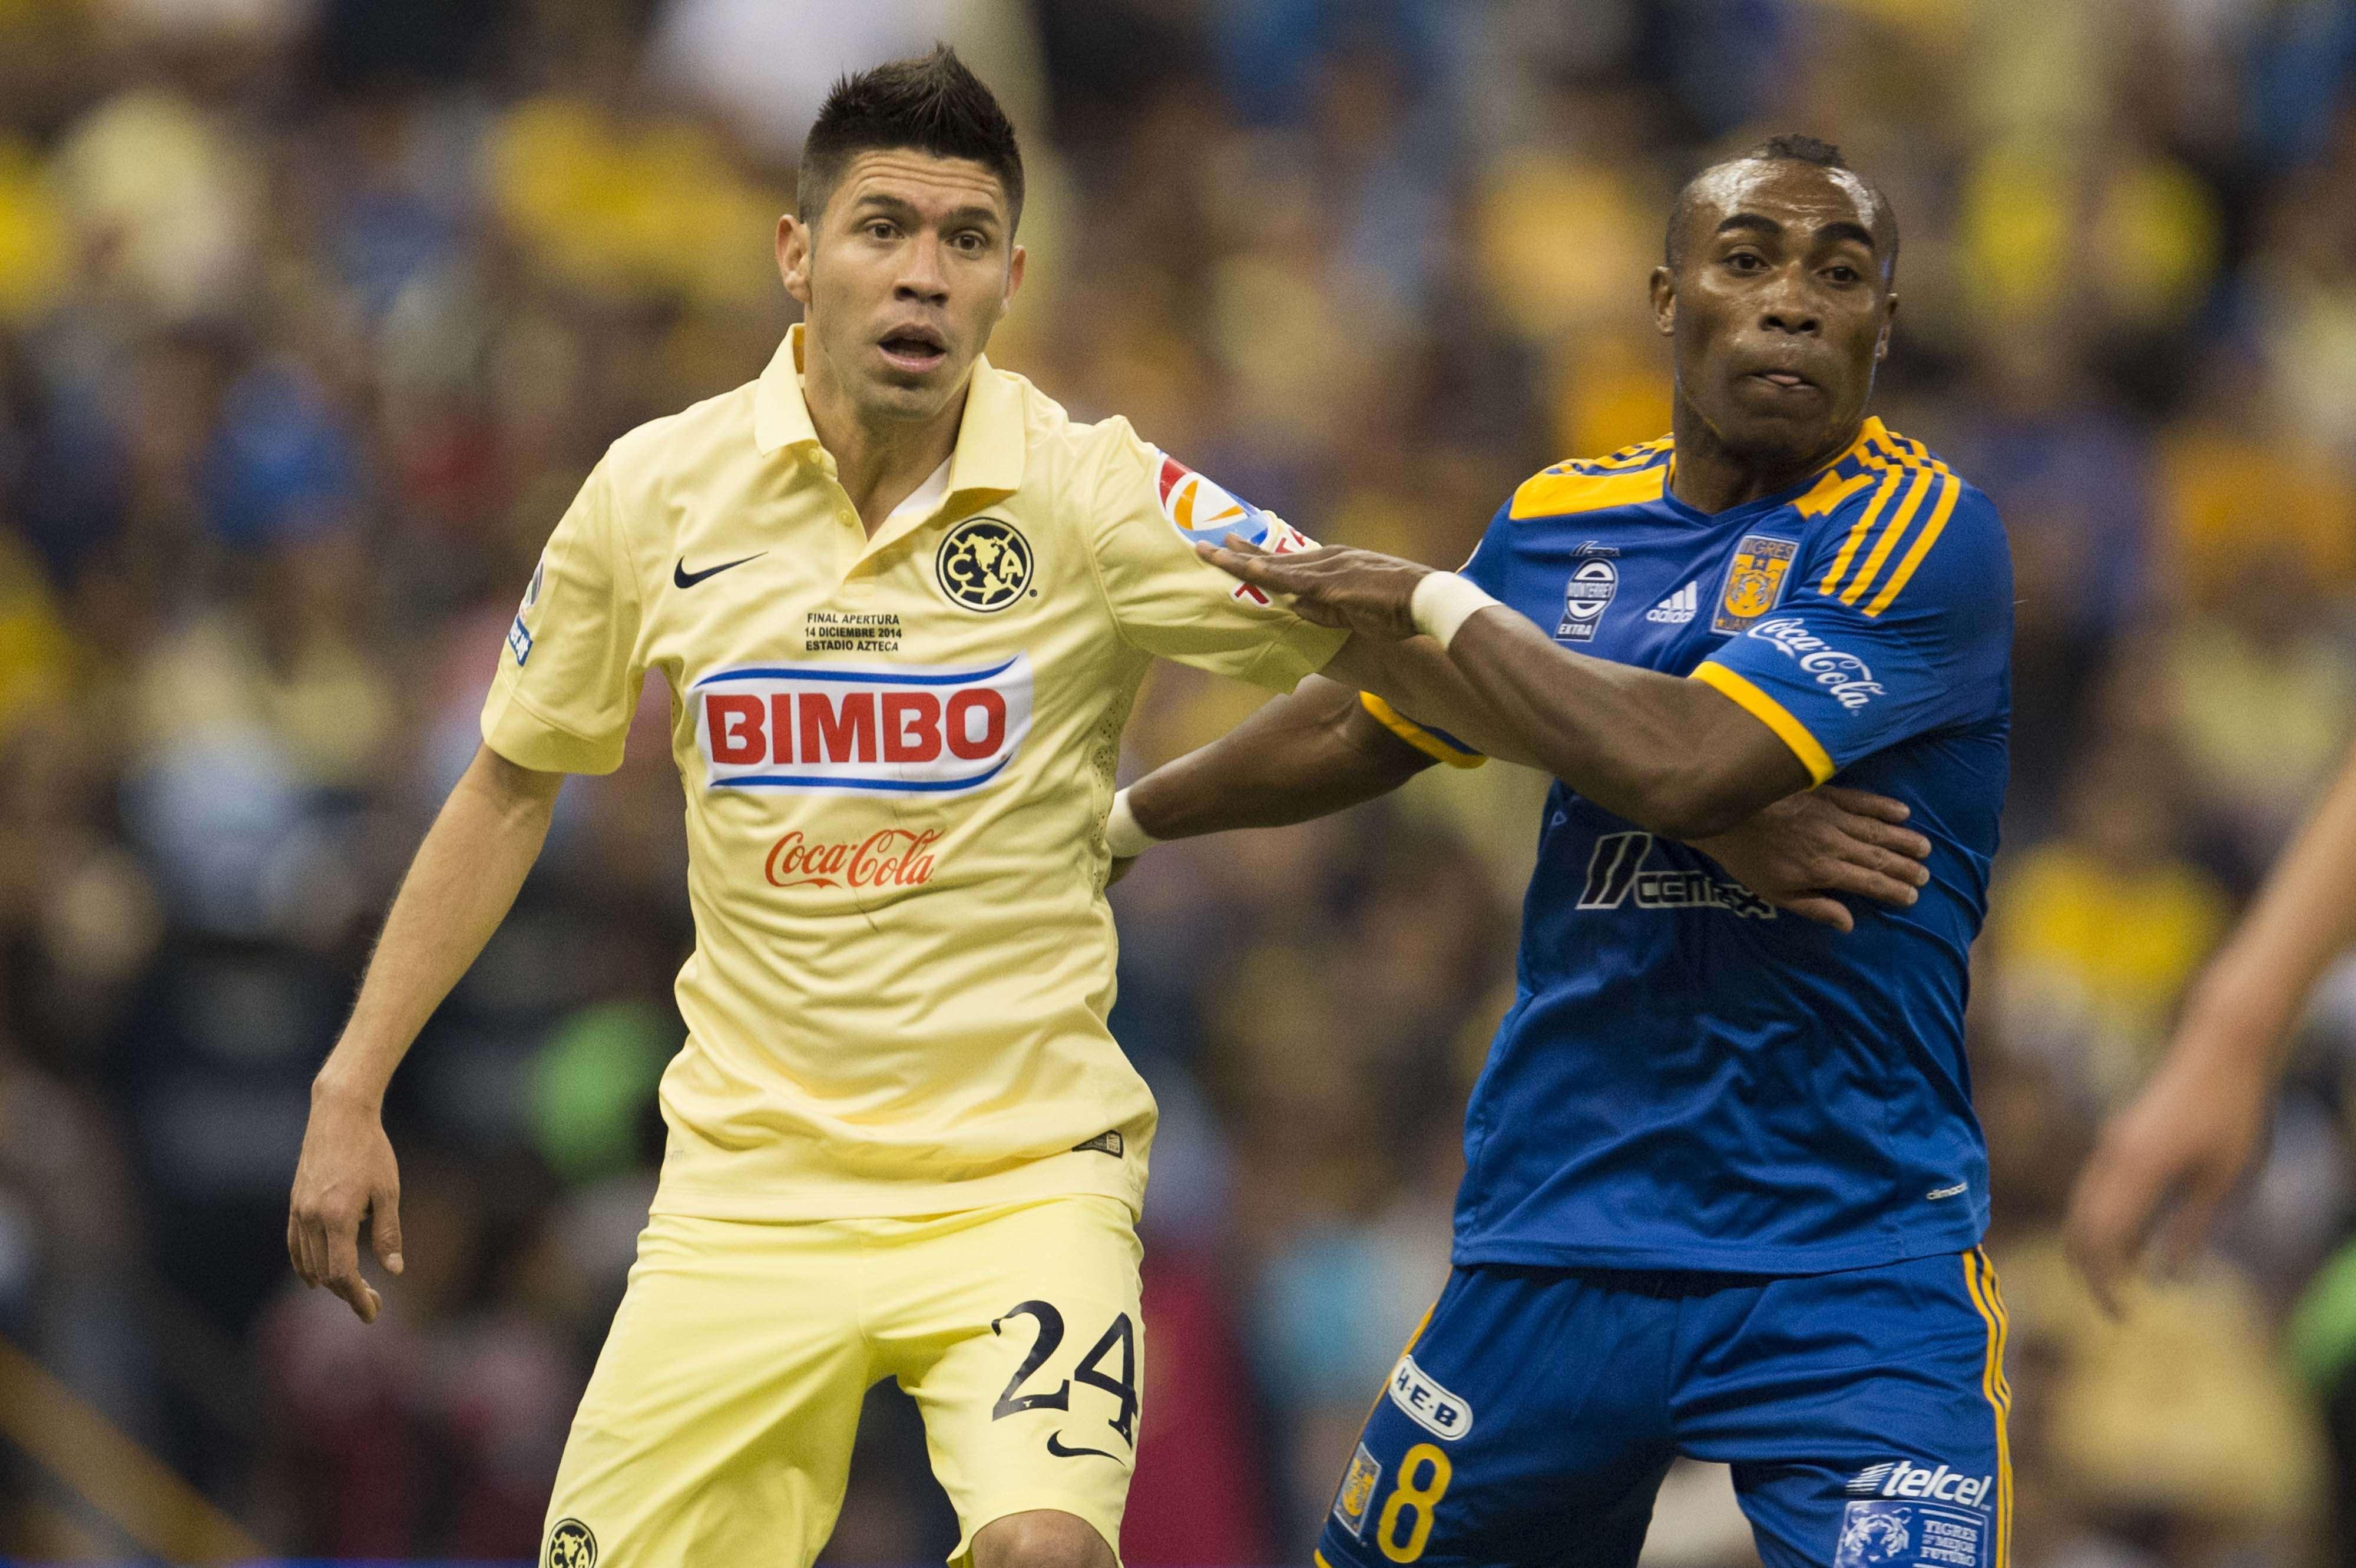 América y Tigres volverán a encontrarse luego de la final del torneo pasado Foto: Mexsport